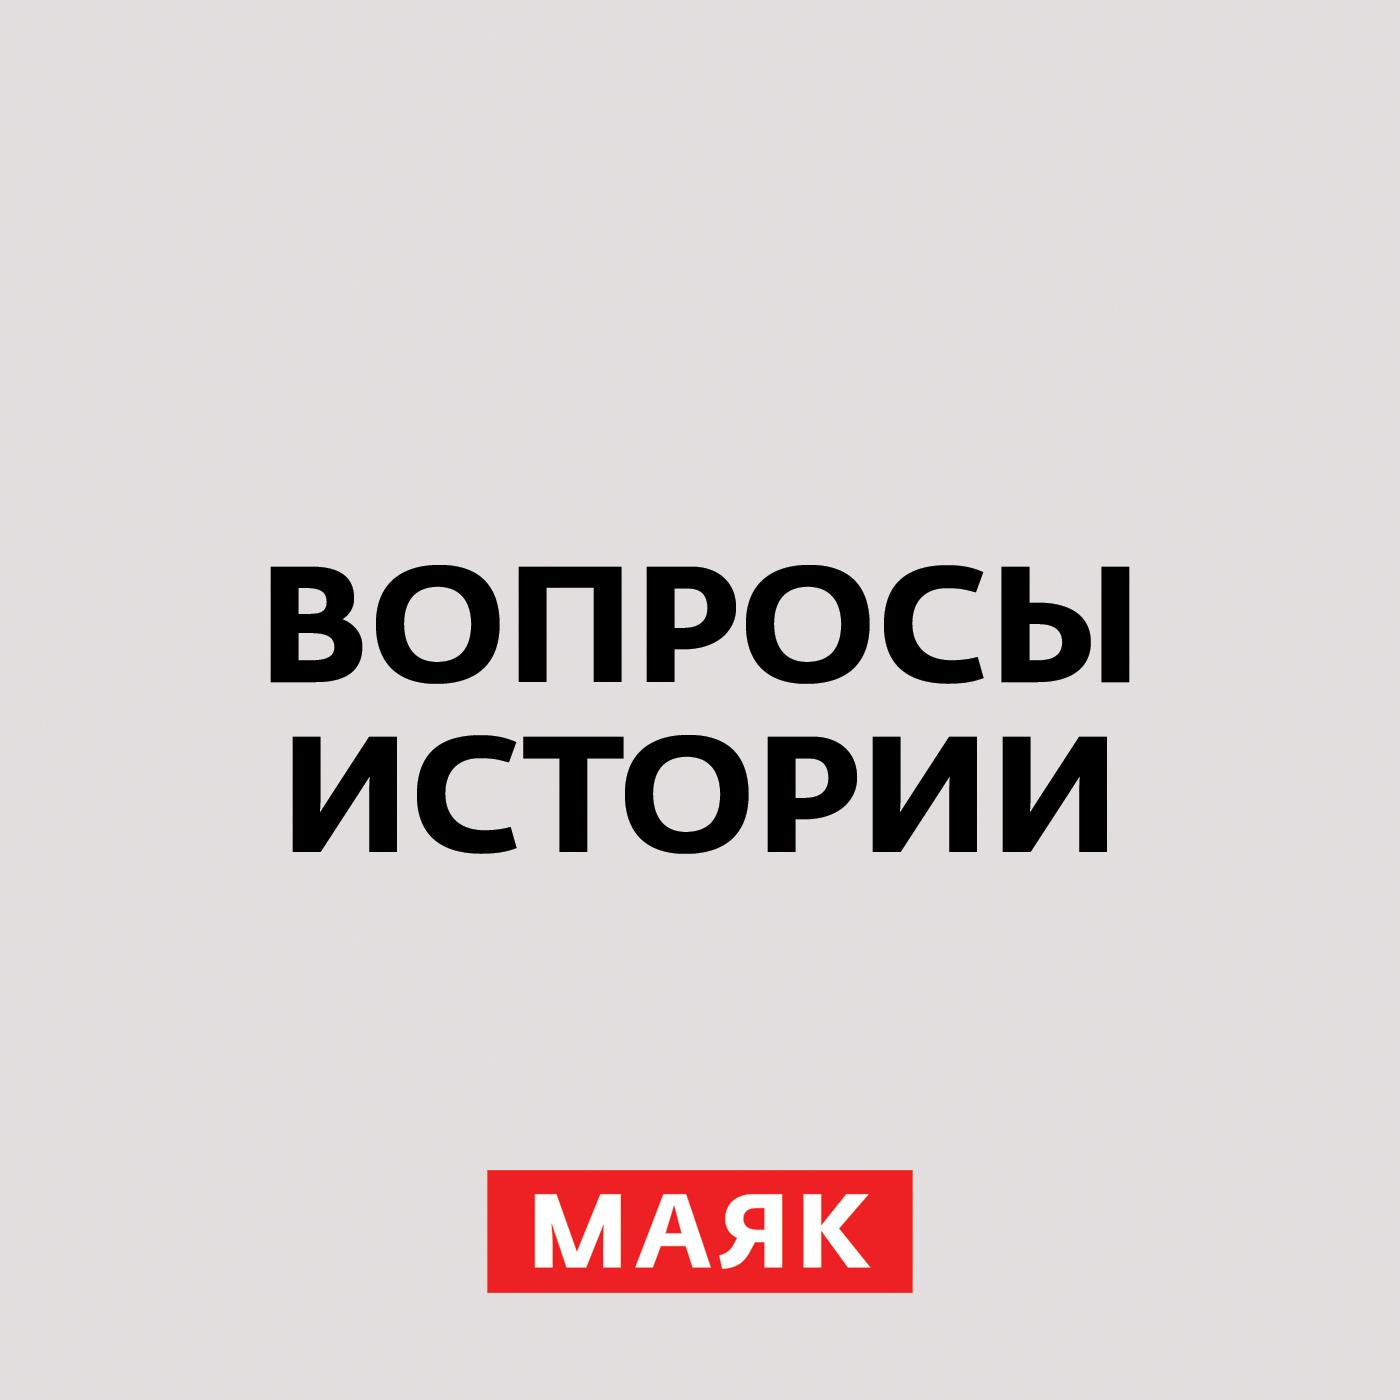 22июня: к какой войне готовился Советский Союз? Часть 3